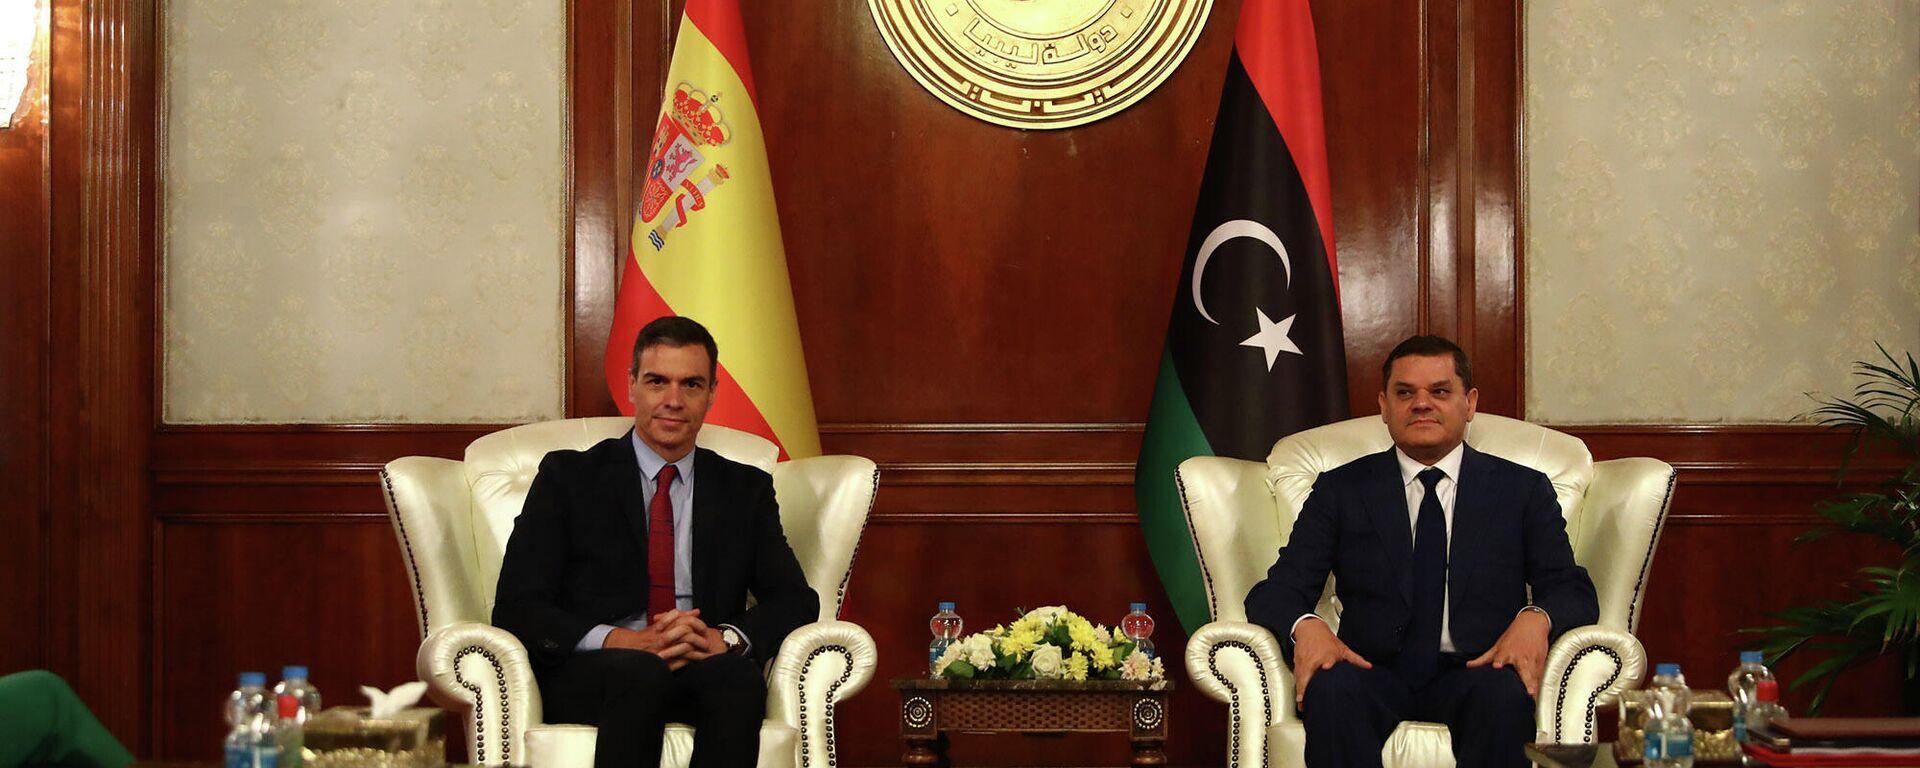 Il premier spagnolo Pedro Sanchez e il premier del governo transitorio libico Abdul Hamid Dbeibah - Sputnik Italia, 1920, 03.06.2021